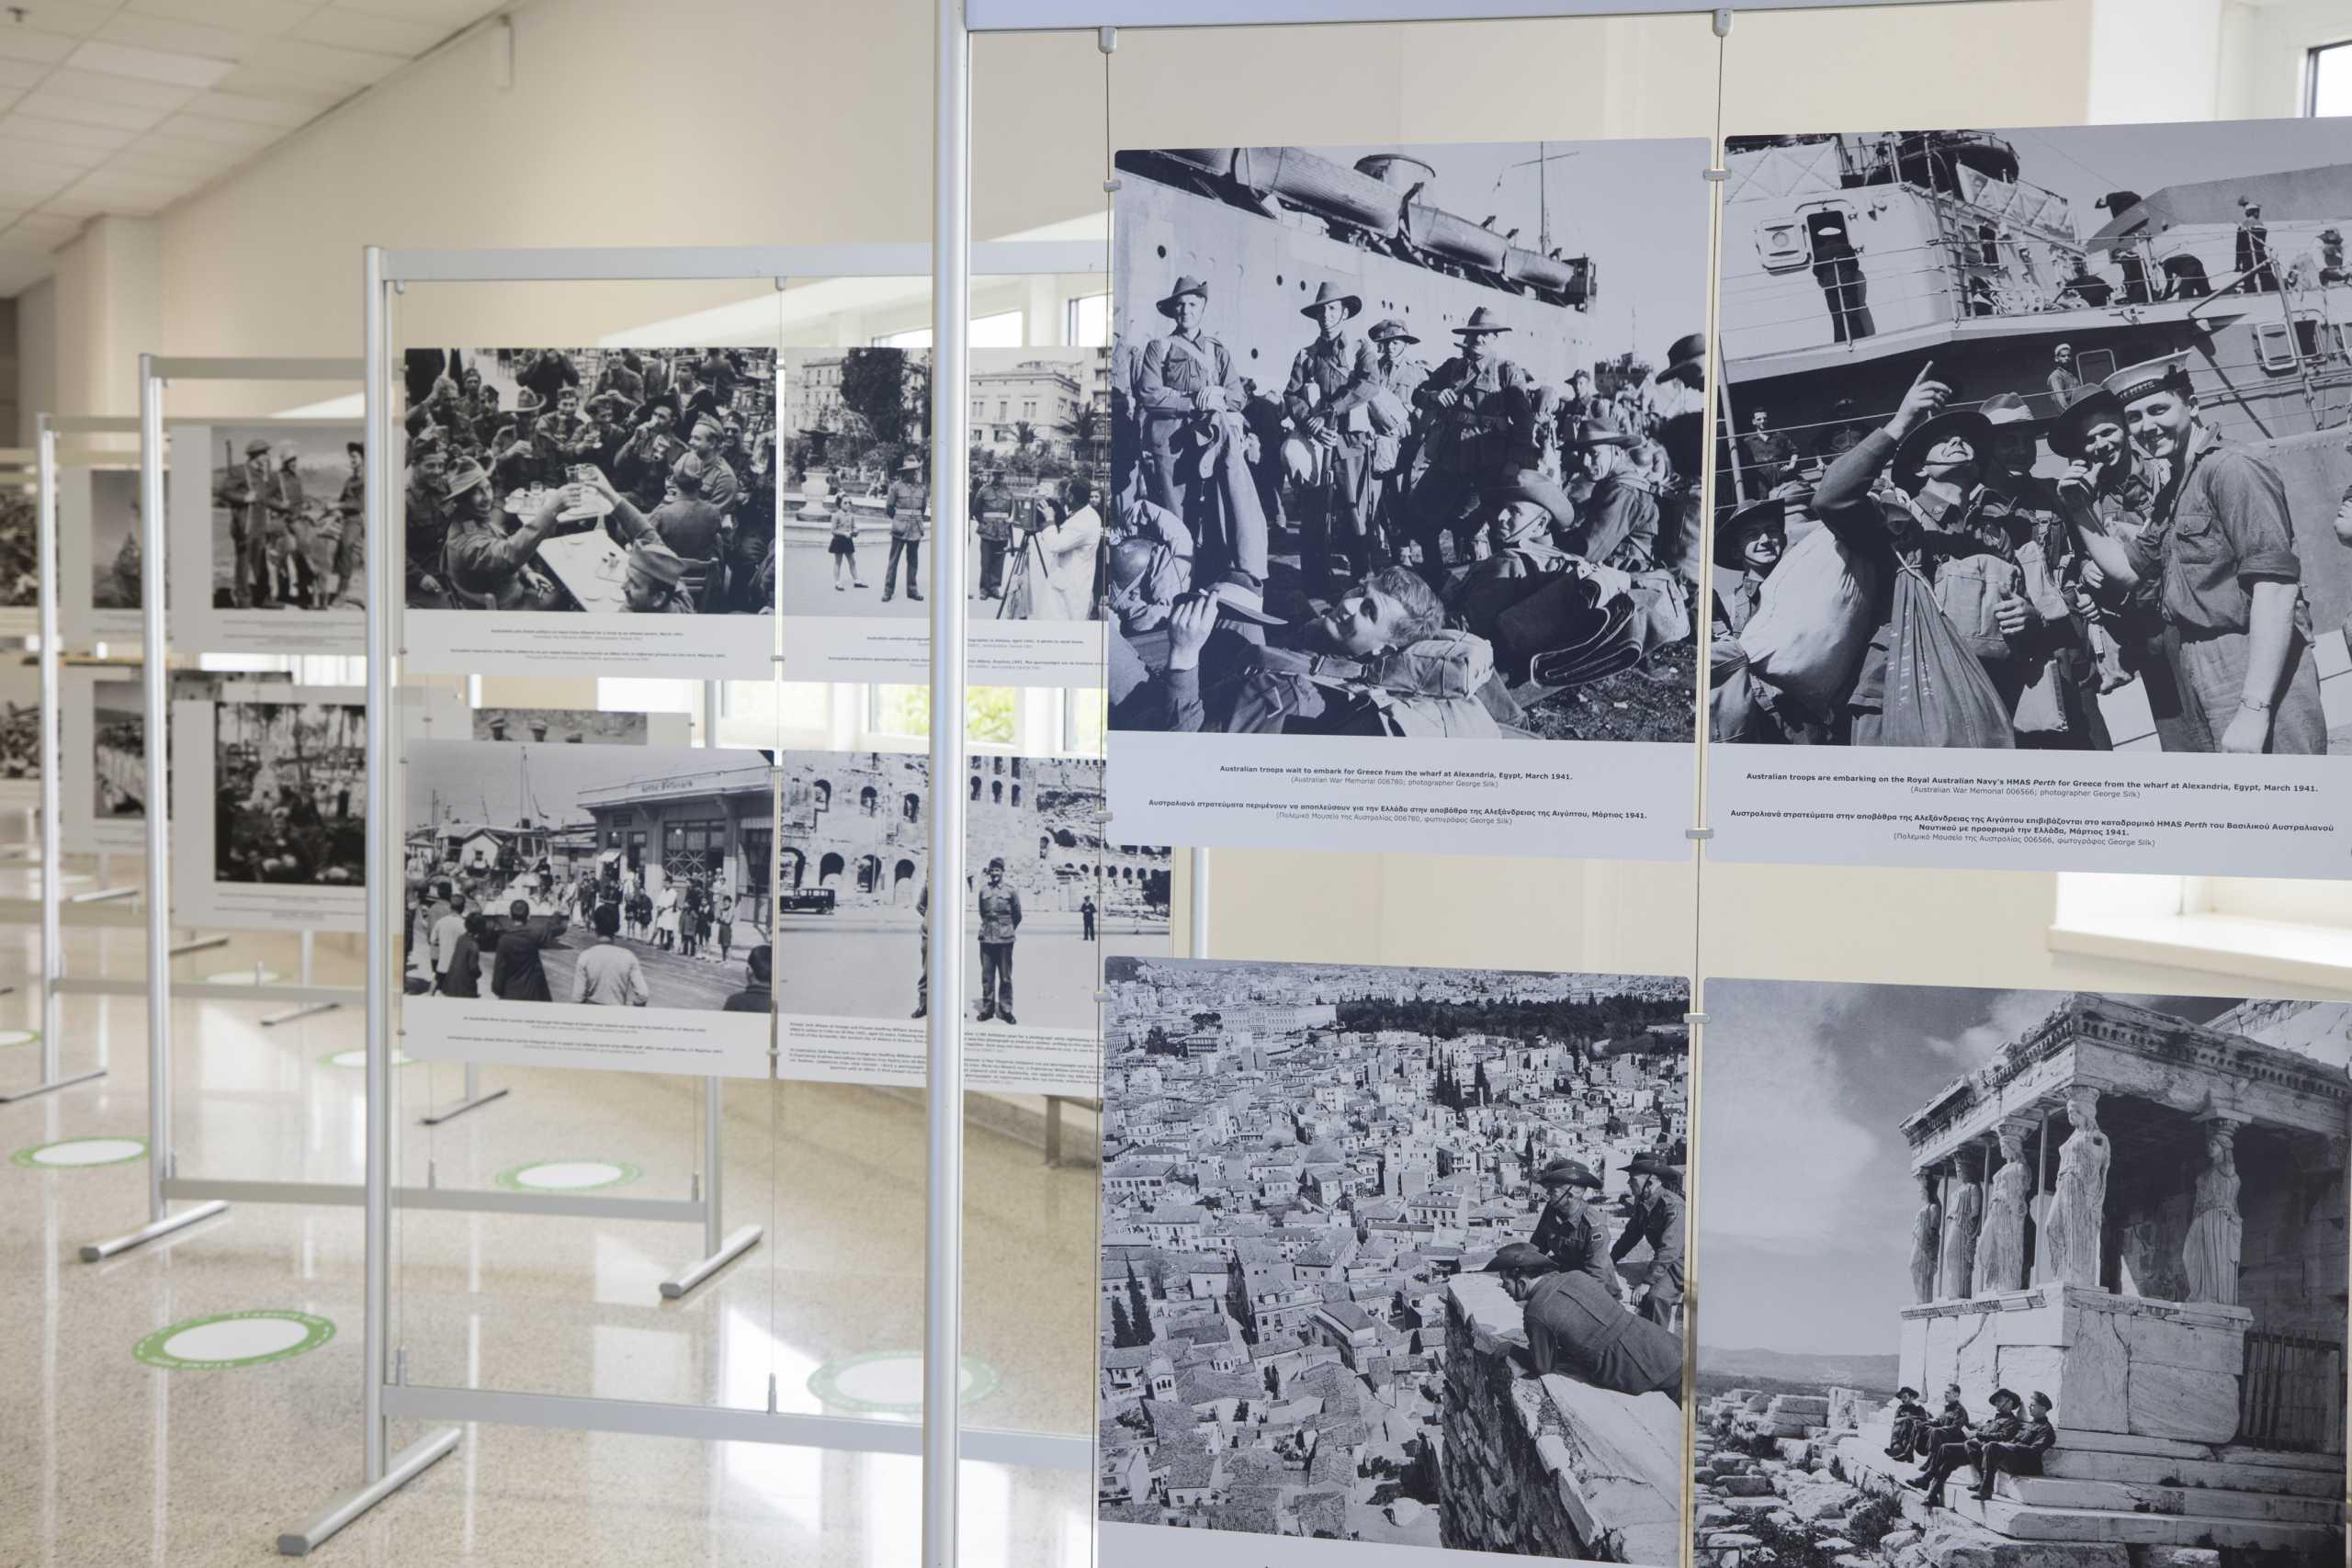 Μάχη της Κρήτης: Εκδηλώσεις τιμής και μνήμης στην επέτειο των 80 χρόνων